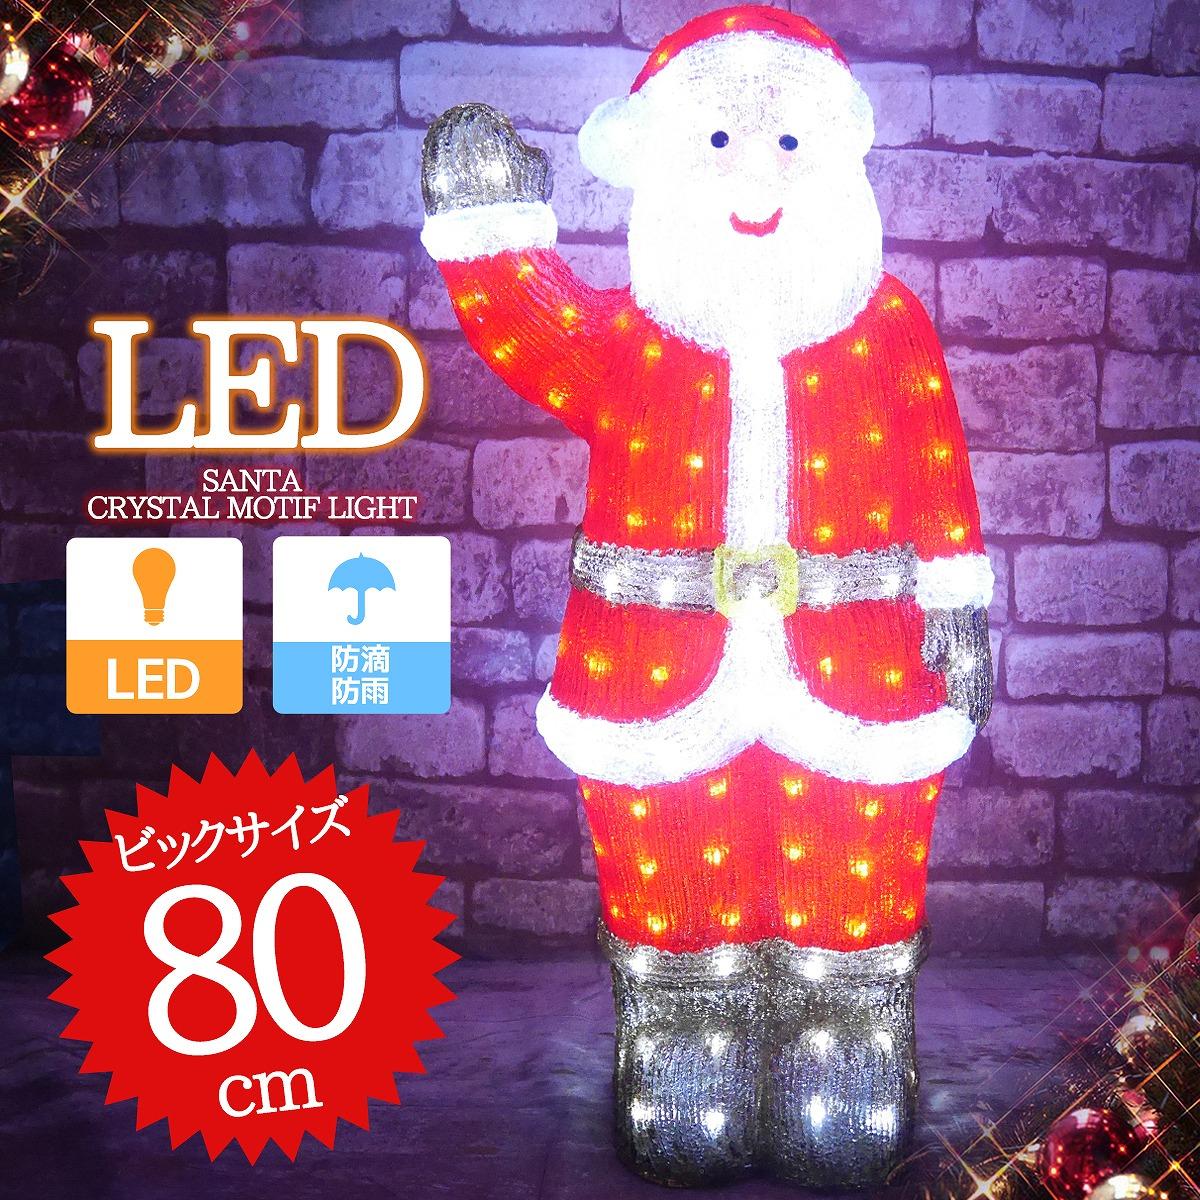 クリスマス LED イルミネーション クリスタルライト サンタクロース モチーフライト ビッグサイズ 3D 立体 ガーデニング 屋外用 電飾 KR-56